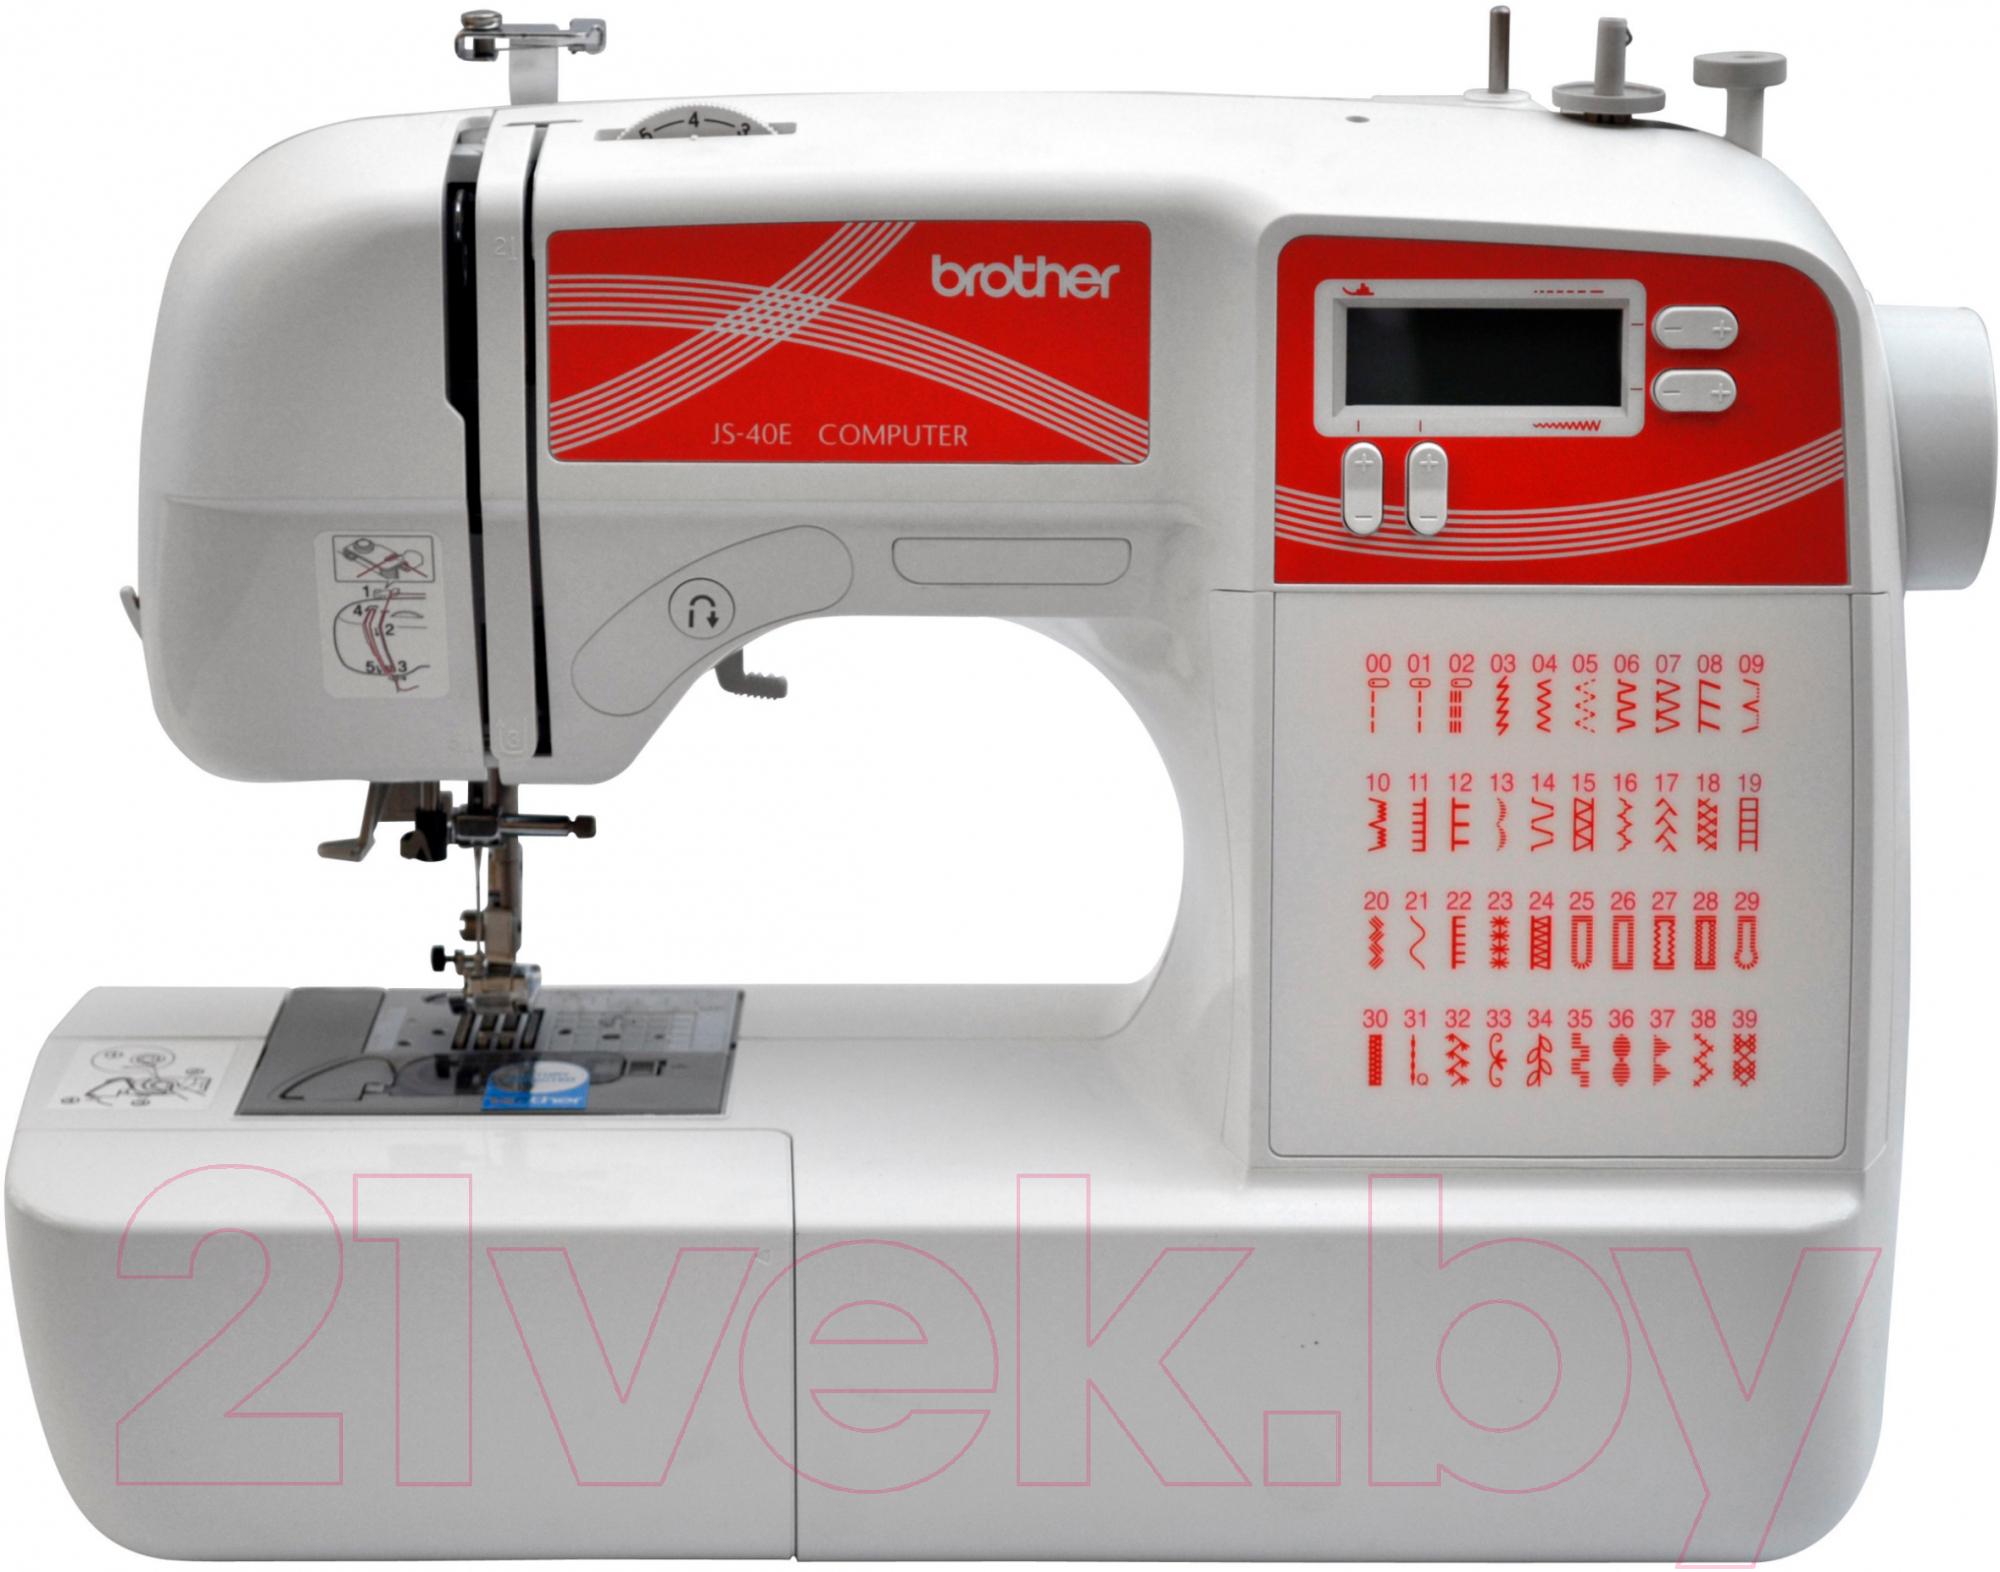 Купить Швейная машина Brother, JS-40E, Китай